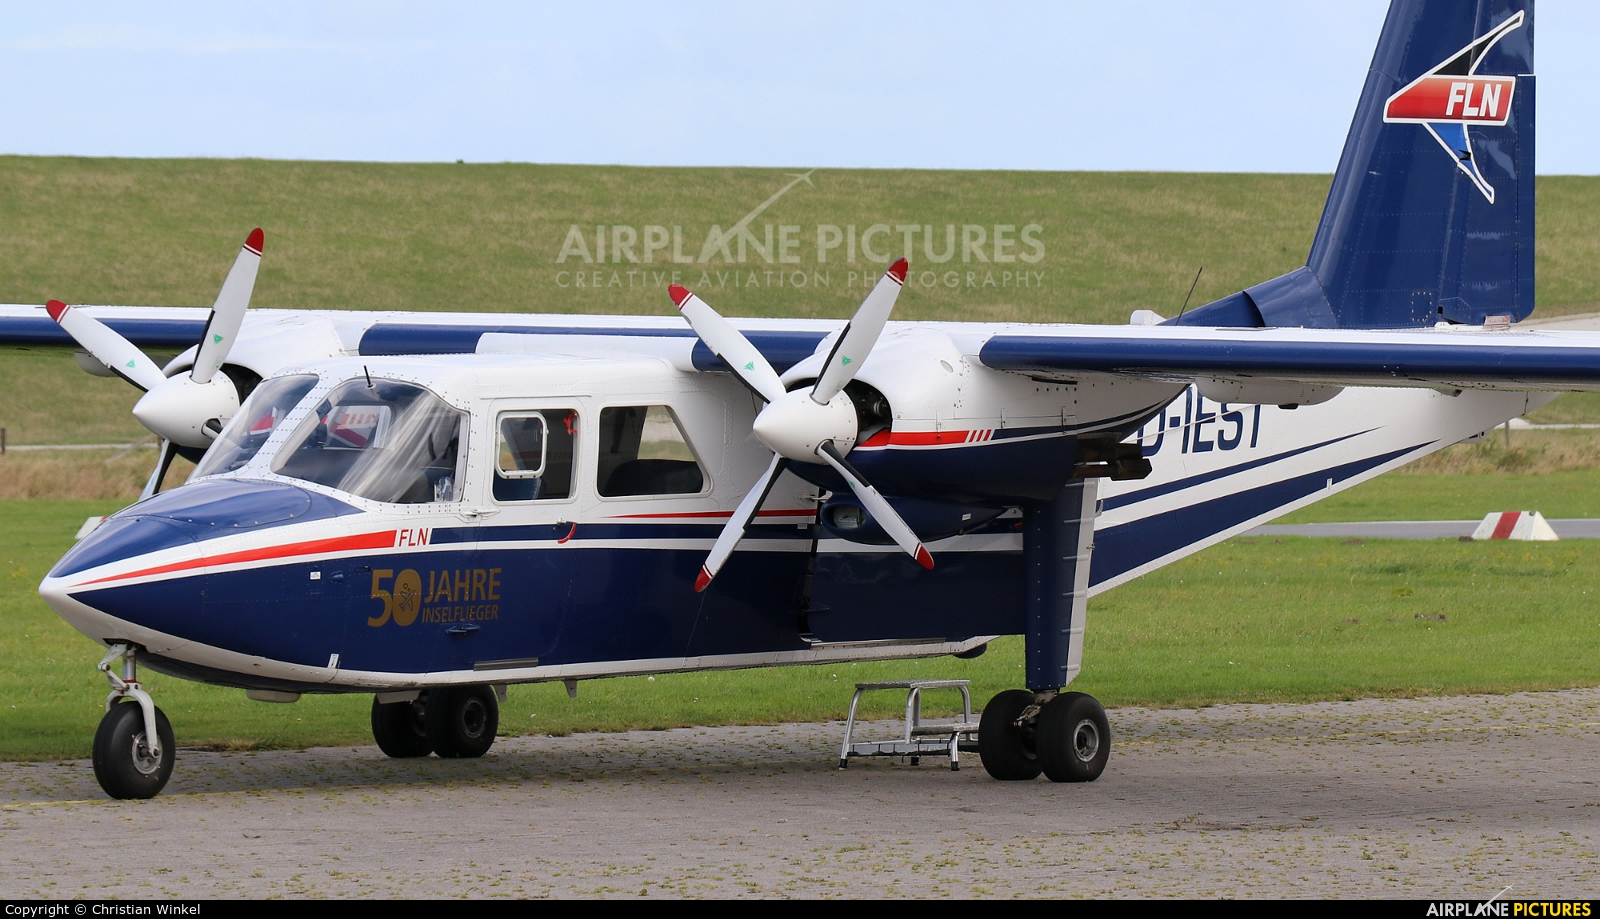 FLN Frisia-Luftverkehr D-IEST aircraft at Harle